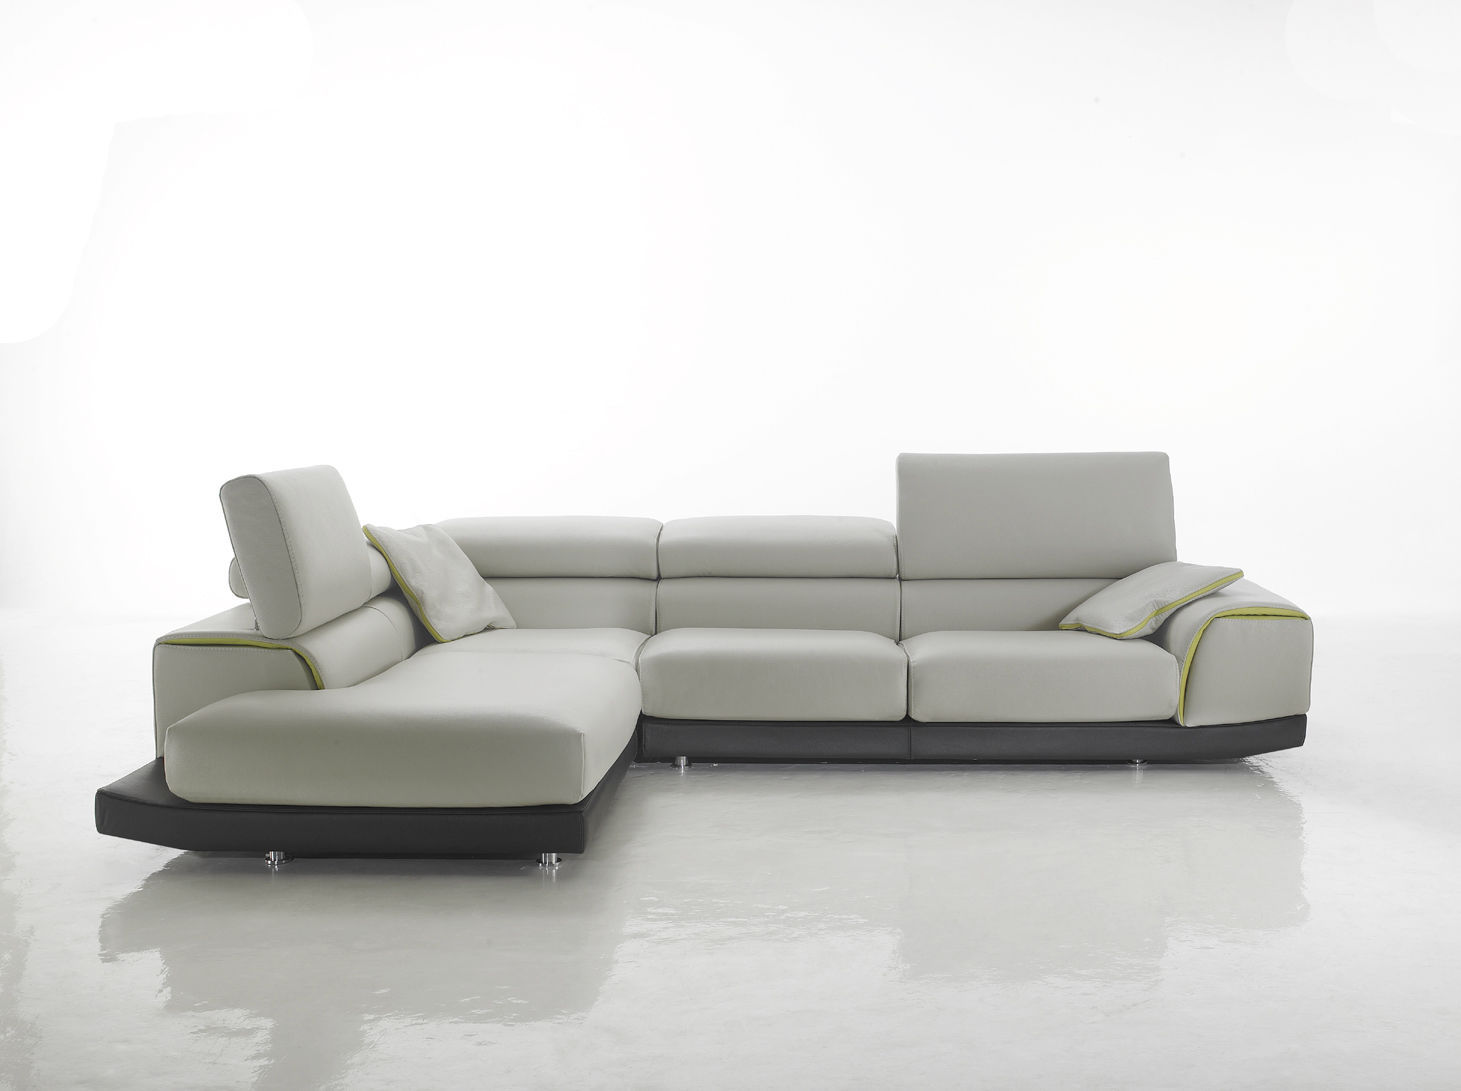 Corner Sofa Contemporary Leather Fabric Cezanne